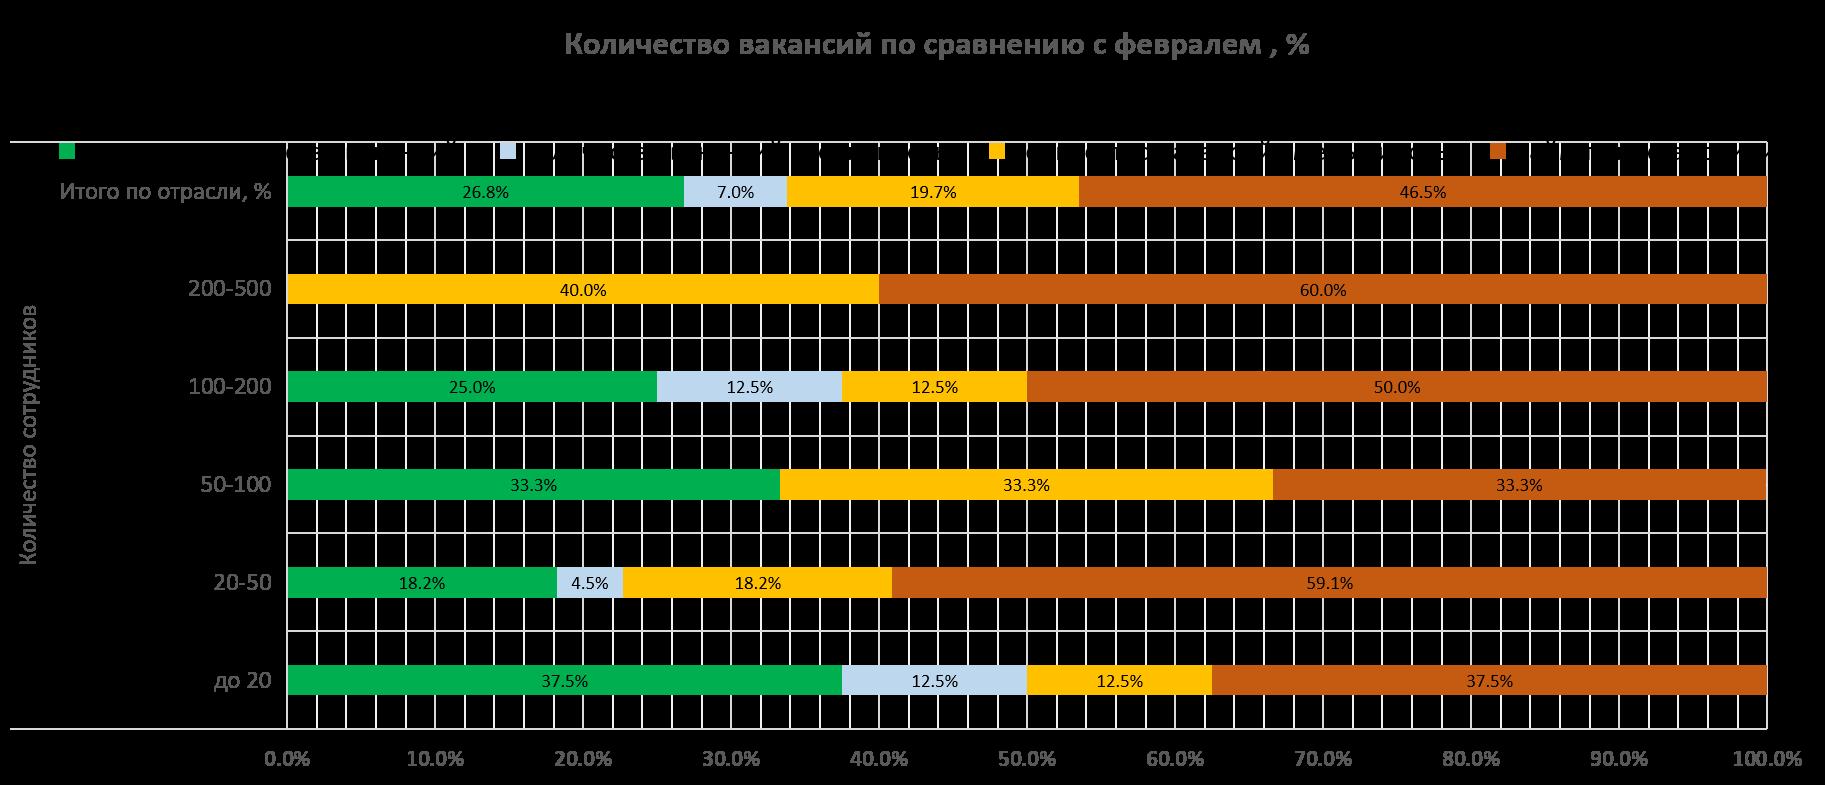 Количество вакансий в Ит компаниях по сравнению с февралем